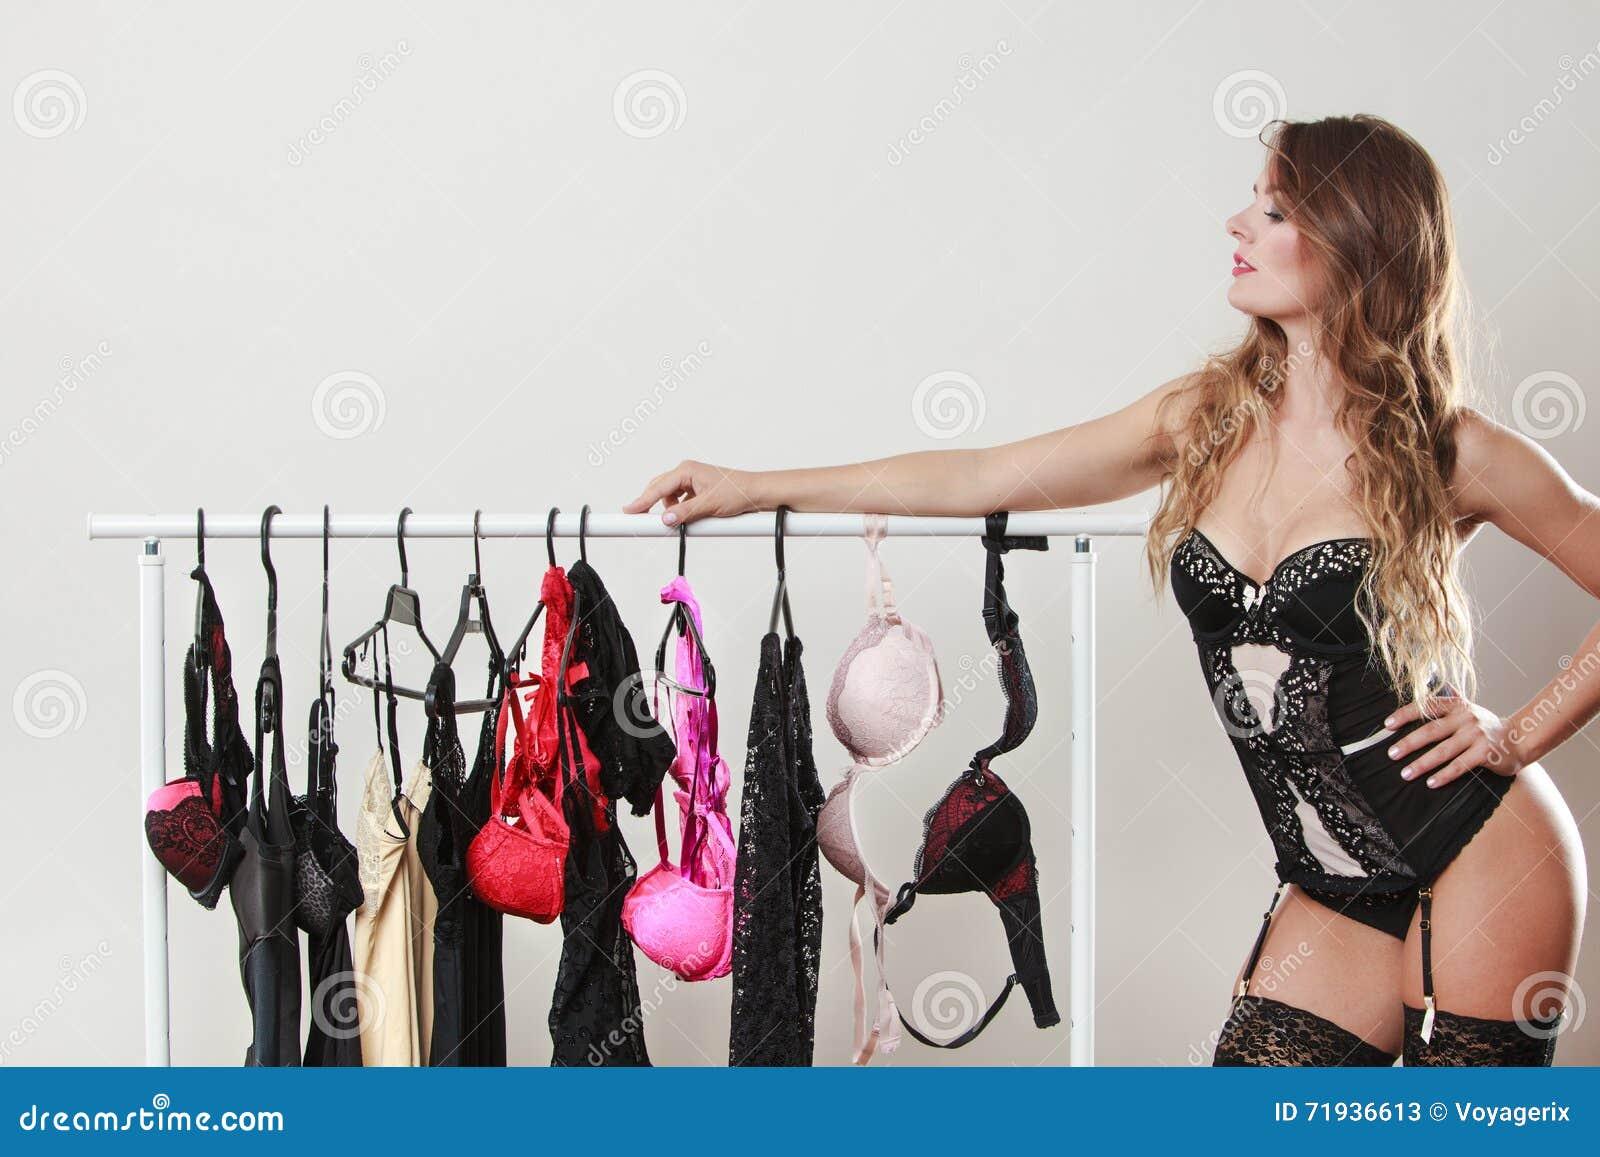 Чувственная девушка на сексуальных покупках